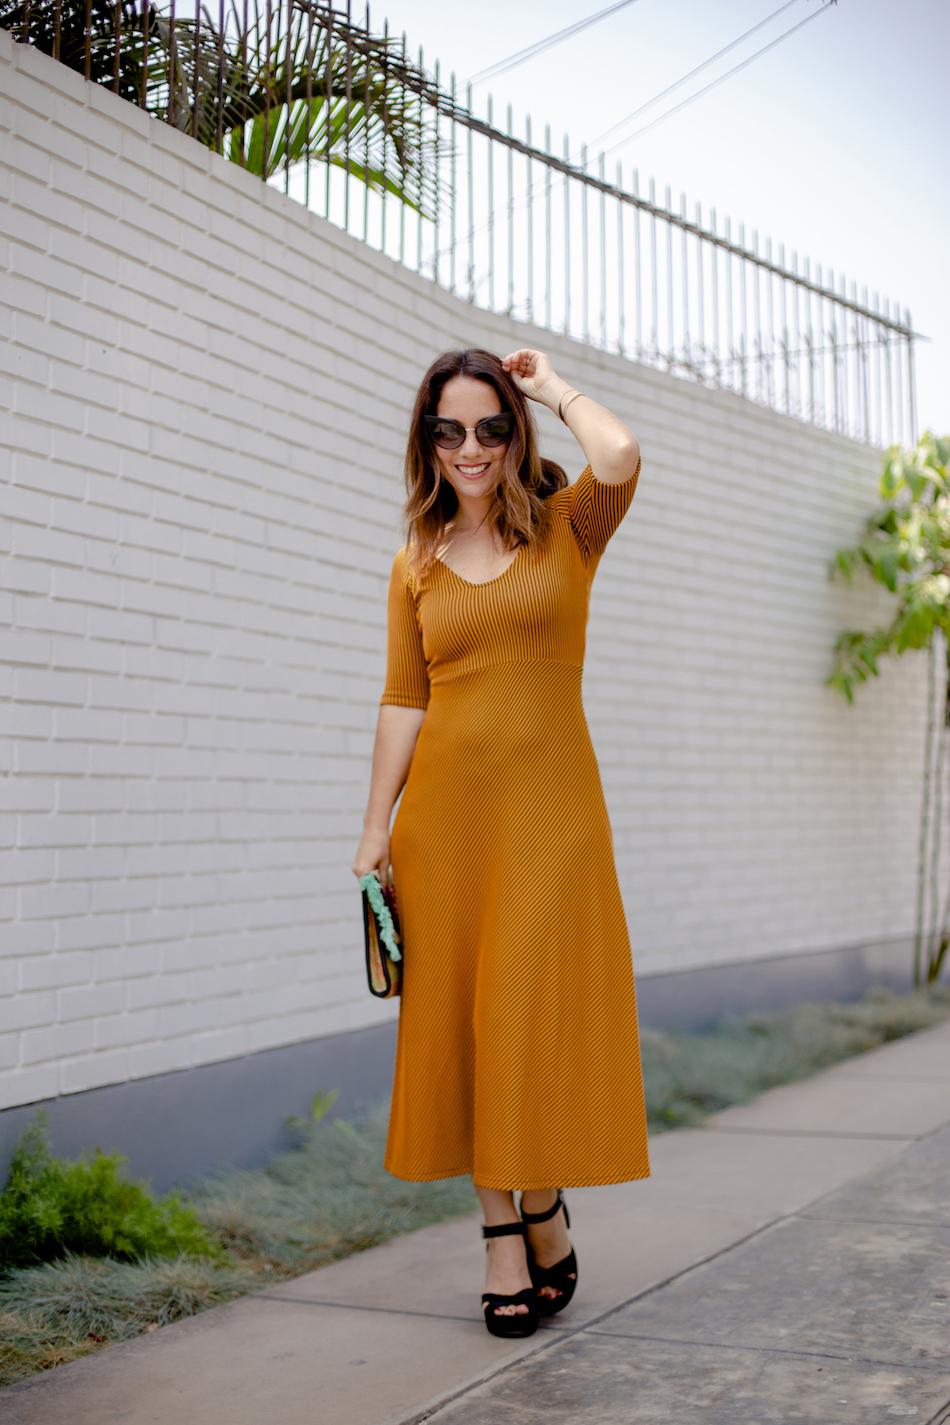 Zara mustrad dress